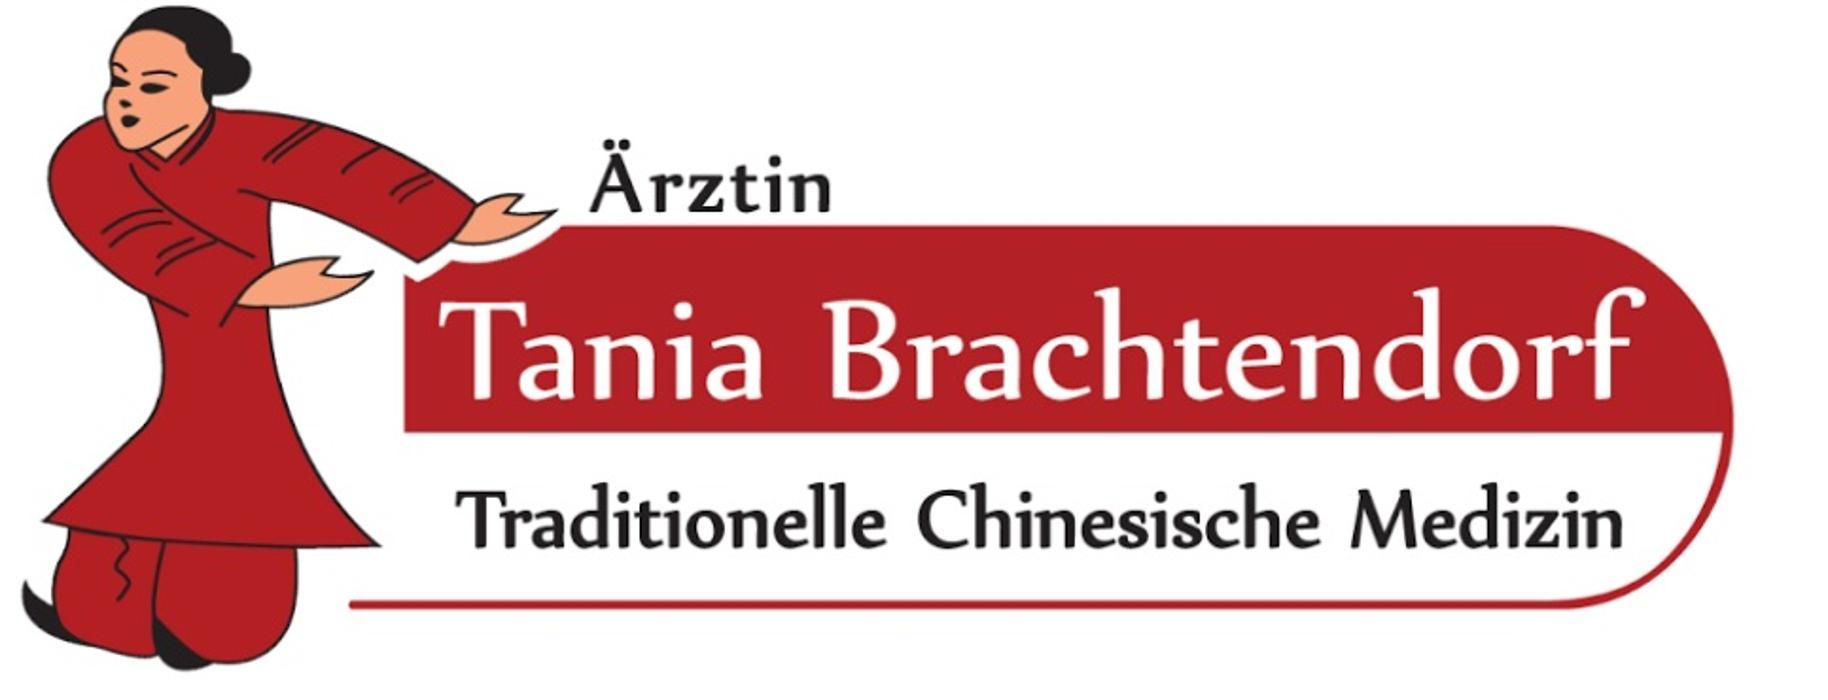 Bild zu Ärztin Tania Brachtendorf - Traditionelle Chinesische Medizin in Homburg an der Saar